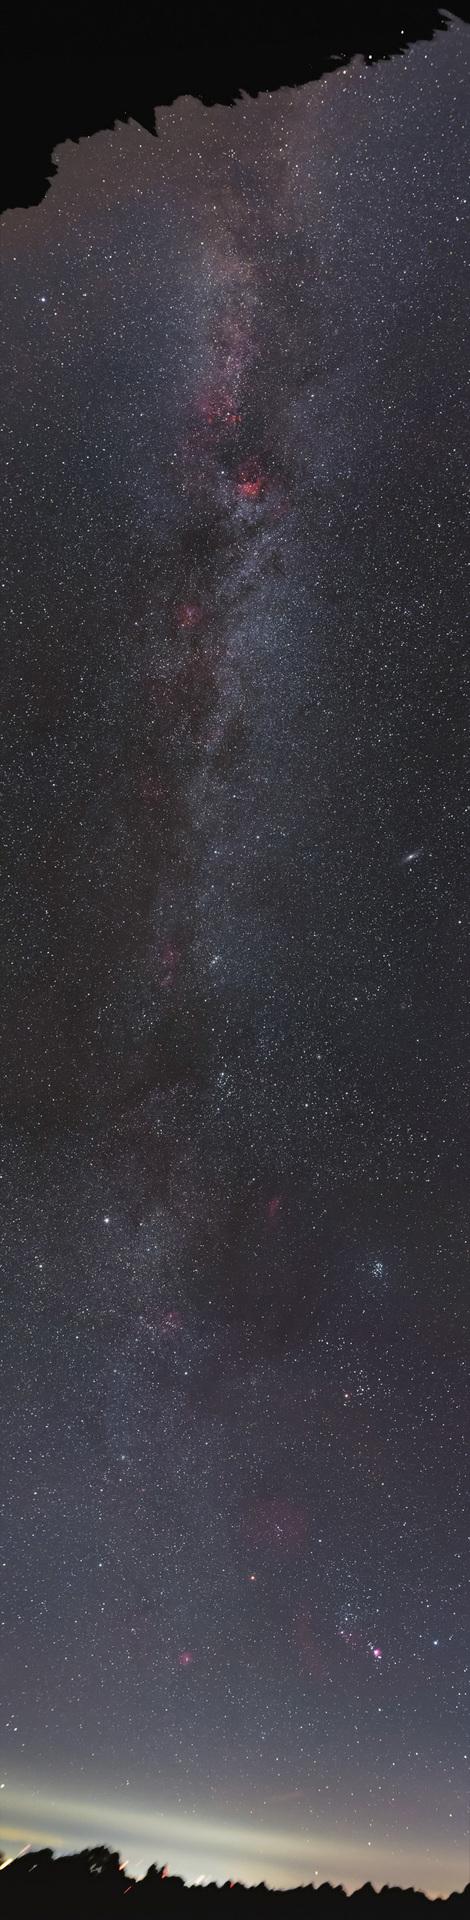 amano-mozaic_150920-5.jpg